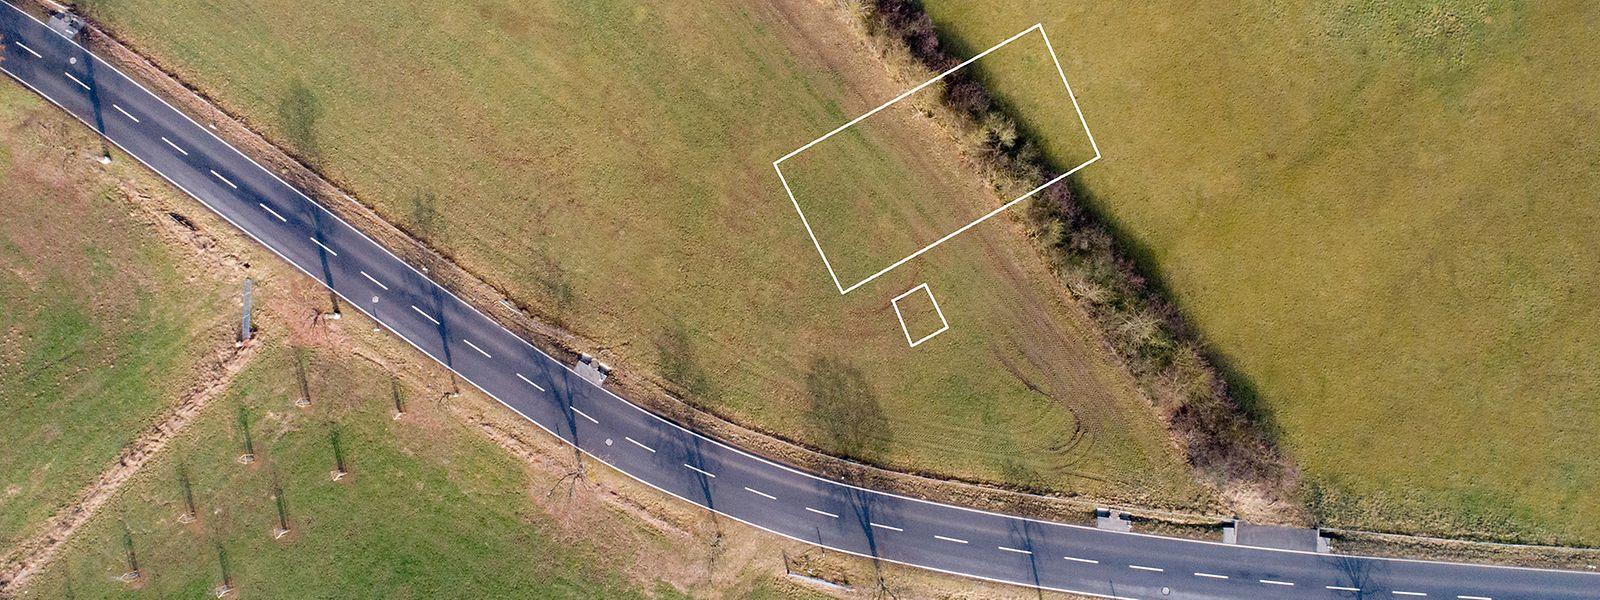 Oben ist der Weg, von dem vermutet wurde, es könnte ein Kiem sein, als grüner Streifen zu erkennen. Die weißen Linien zeigen, wo auf den Luftbildern die alten Grundmauern zu erkennen waren.